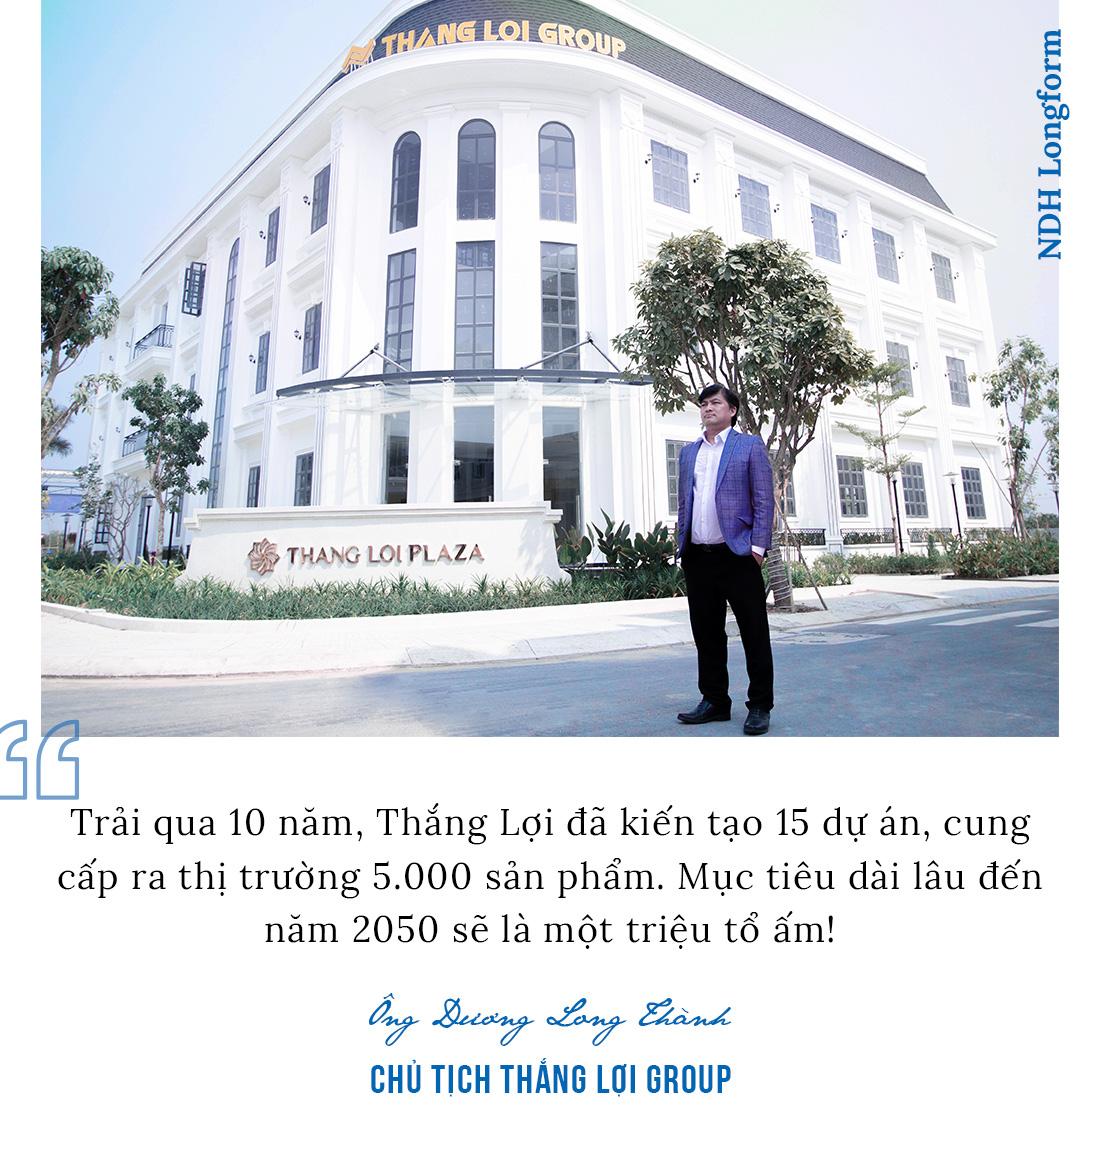 Ông chủ Thắng Lợi Group: Từ 500 triệu đồng tay ngang làm BĐS gây dựng công ty trên 500 tỷ đồng - Ảnh 6.